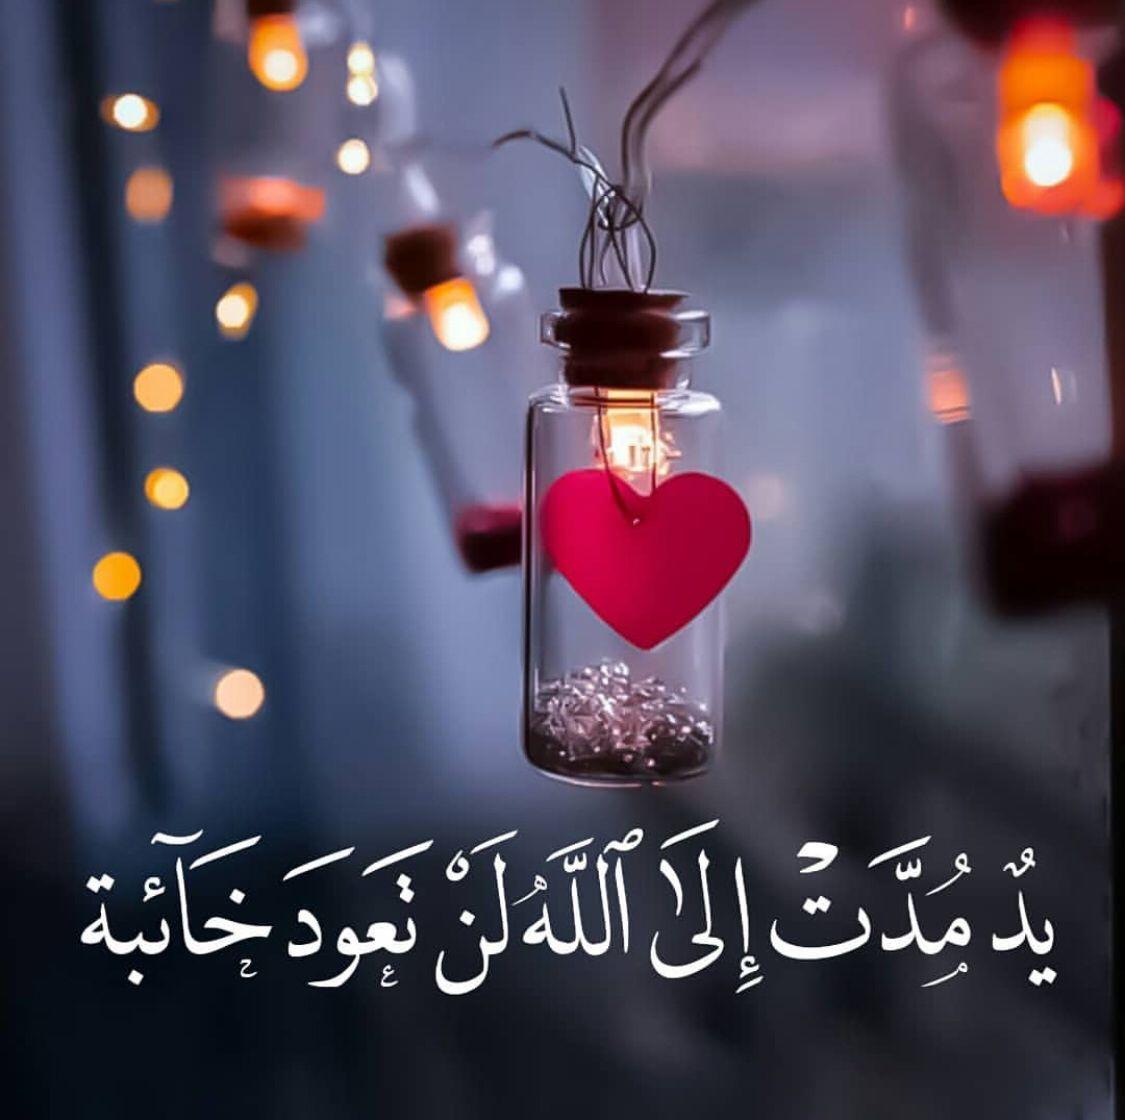 عبارات اسلامية مؤثرة Islamic Quotes Wallpaper Islamic Messages Quran Wallpaper